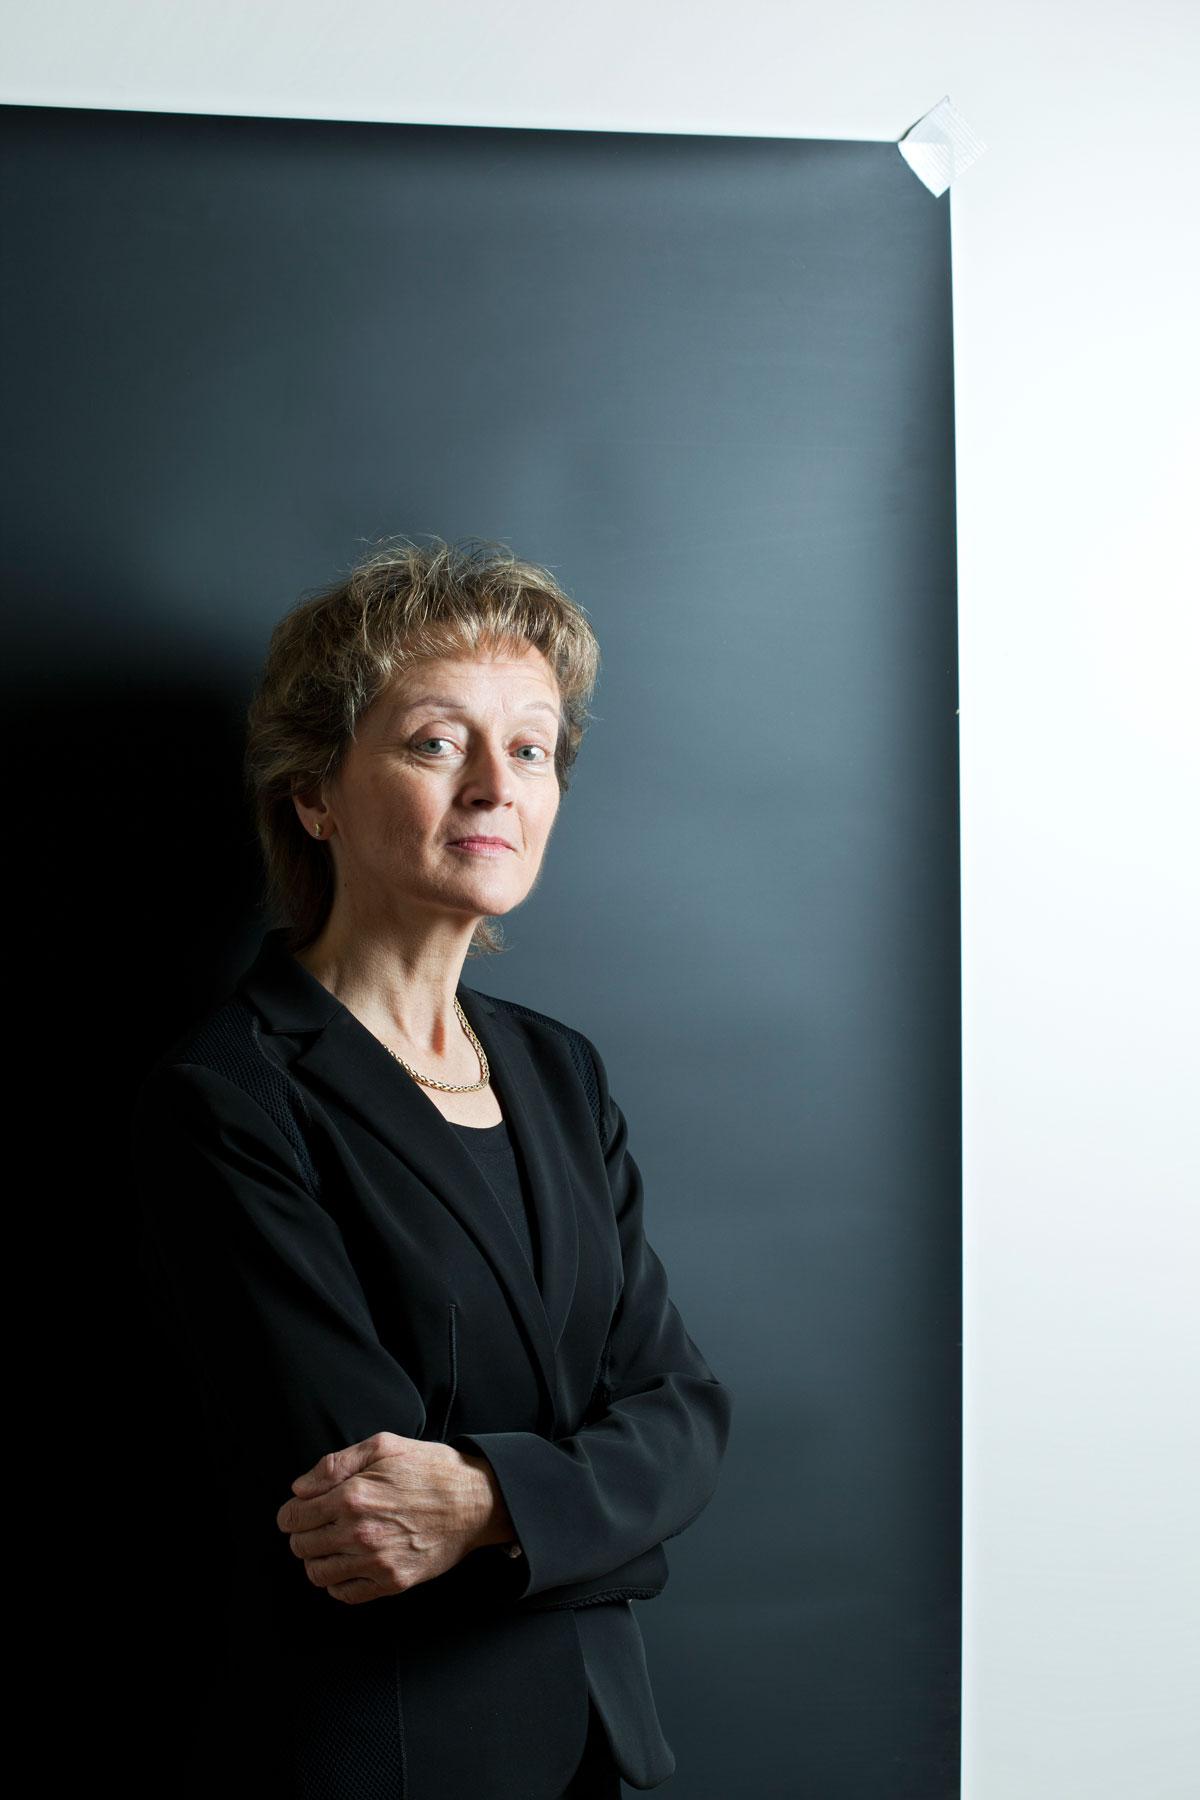 Evelin Widmer-Schlumpf